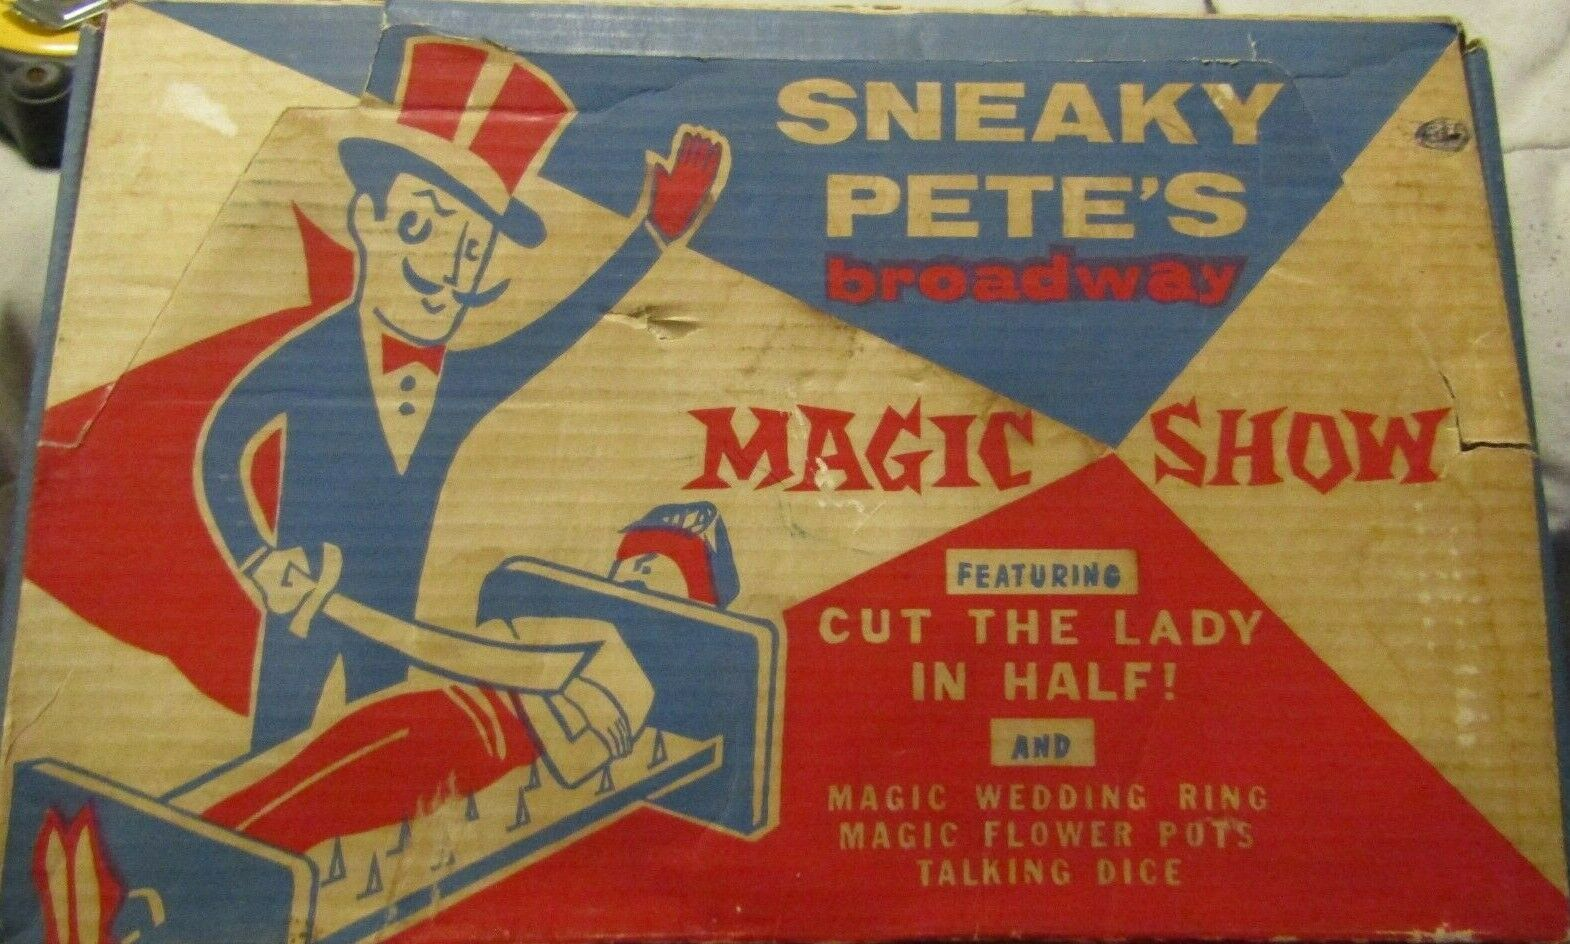 Vintage Raro Remco Sneaky Pete's Broadway espectáculo de magia en caja es